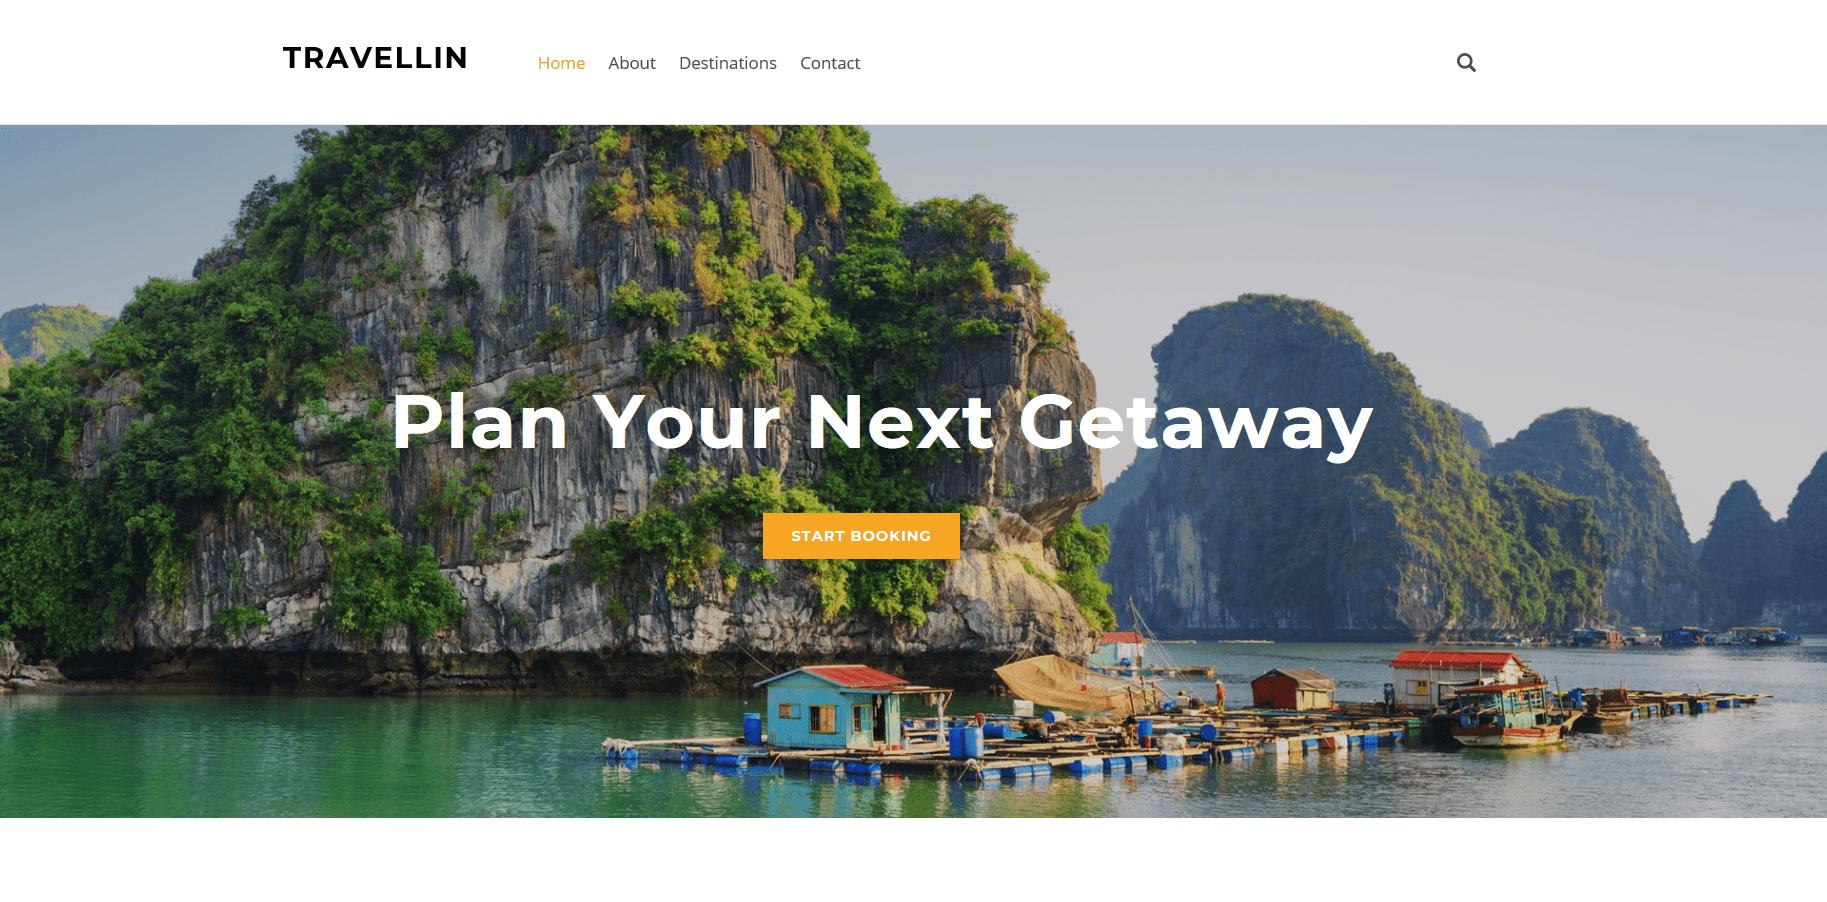 6 הכלים הטובים ביותר (והחינמיים לגמרי) לבניית אתר התיירות שלכם